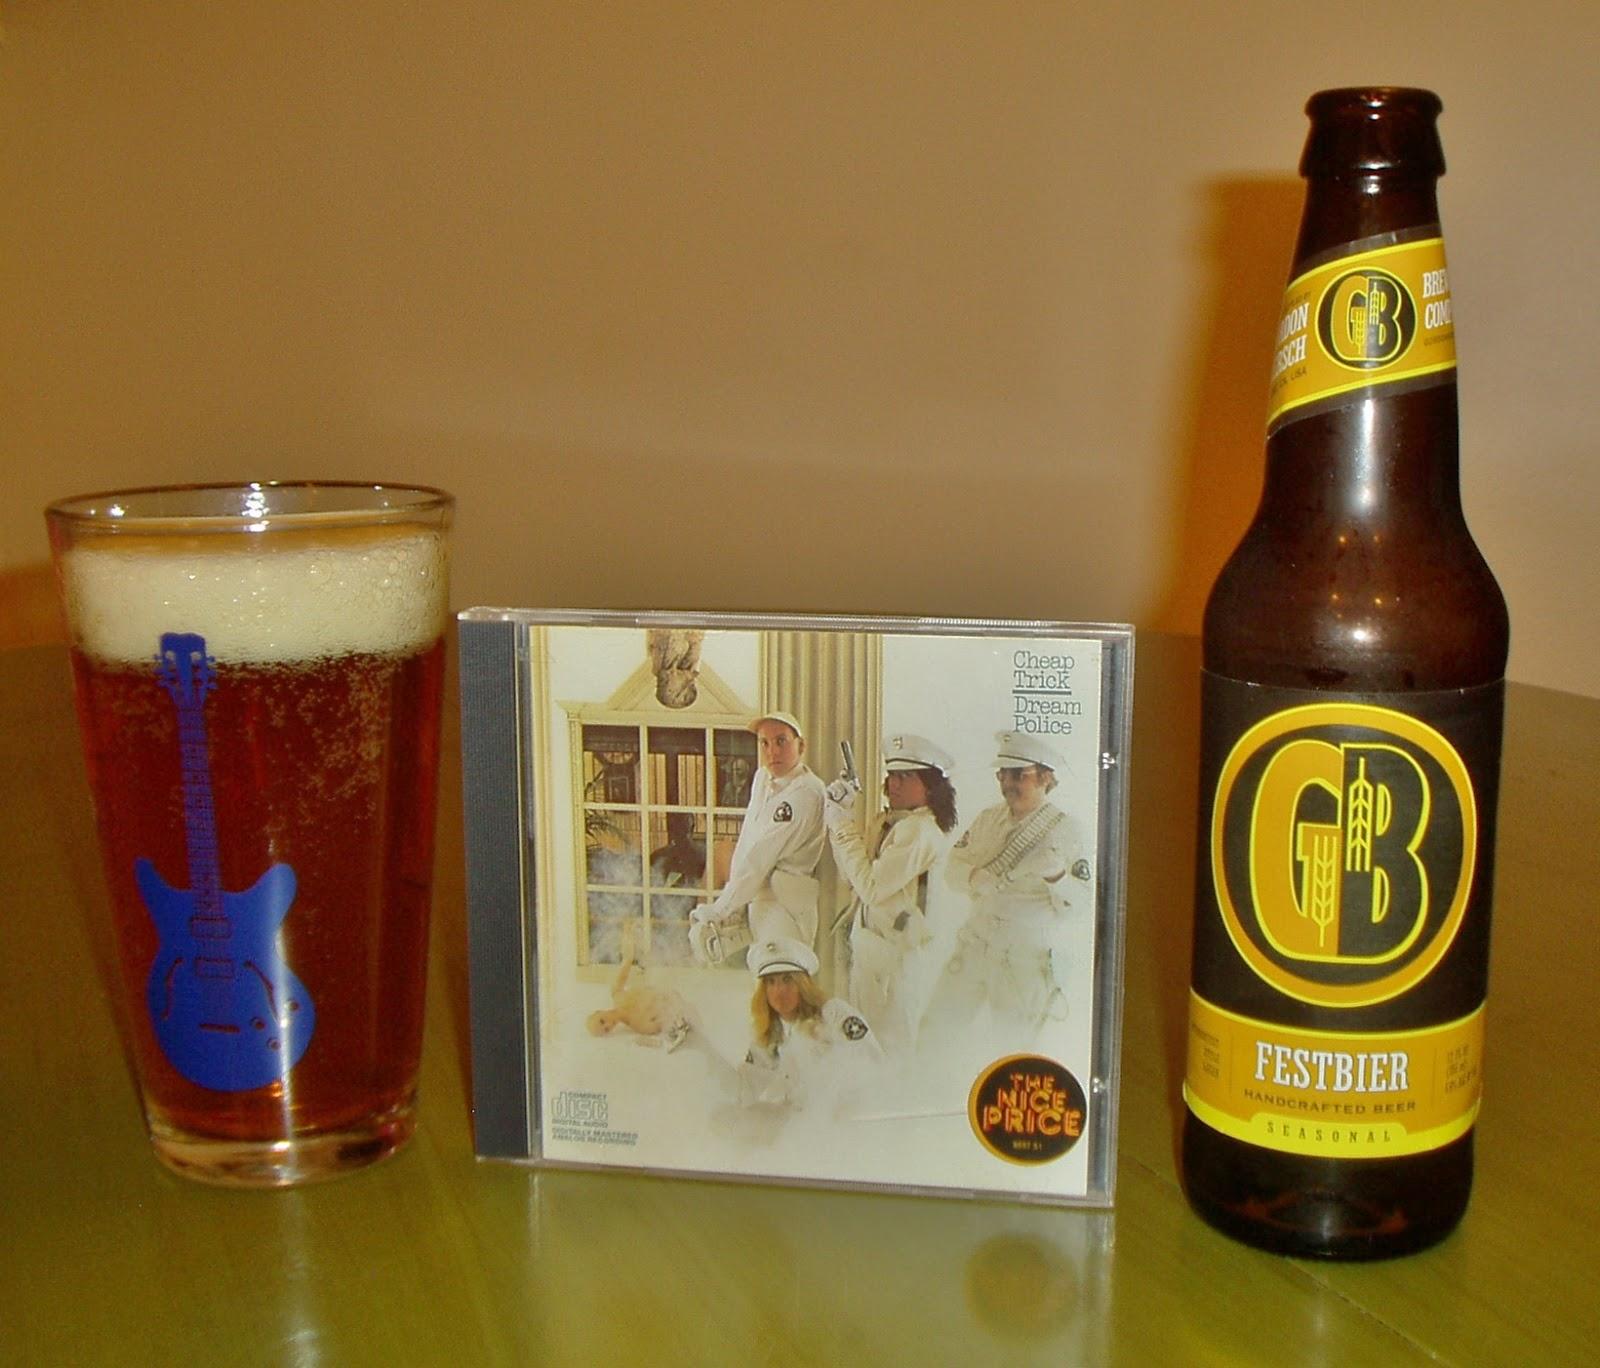 bier felix krull lyrics